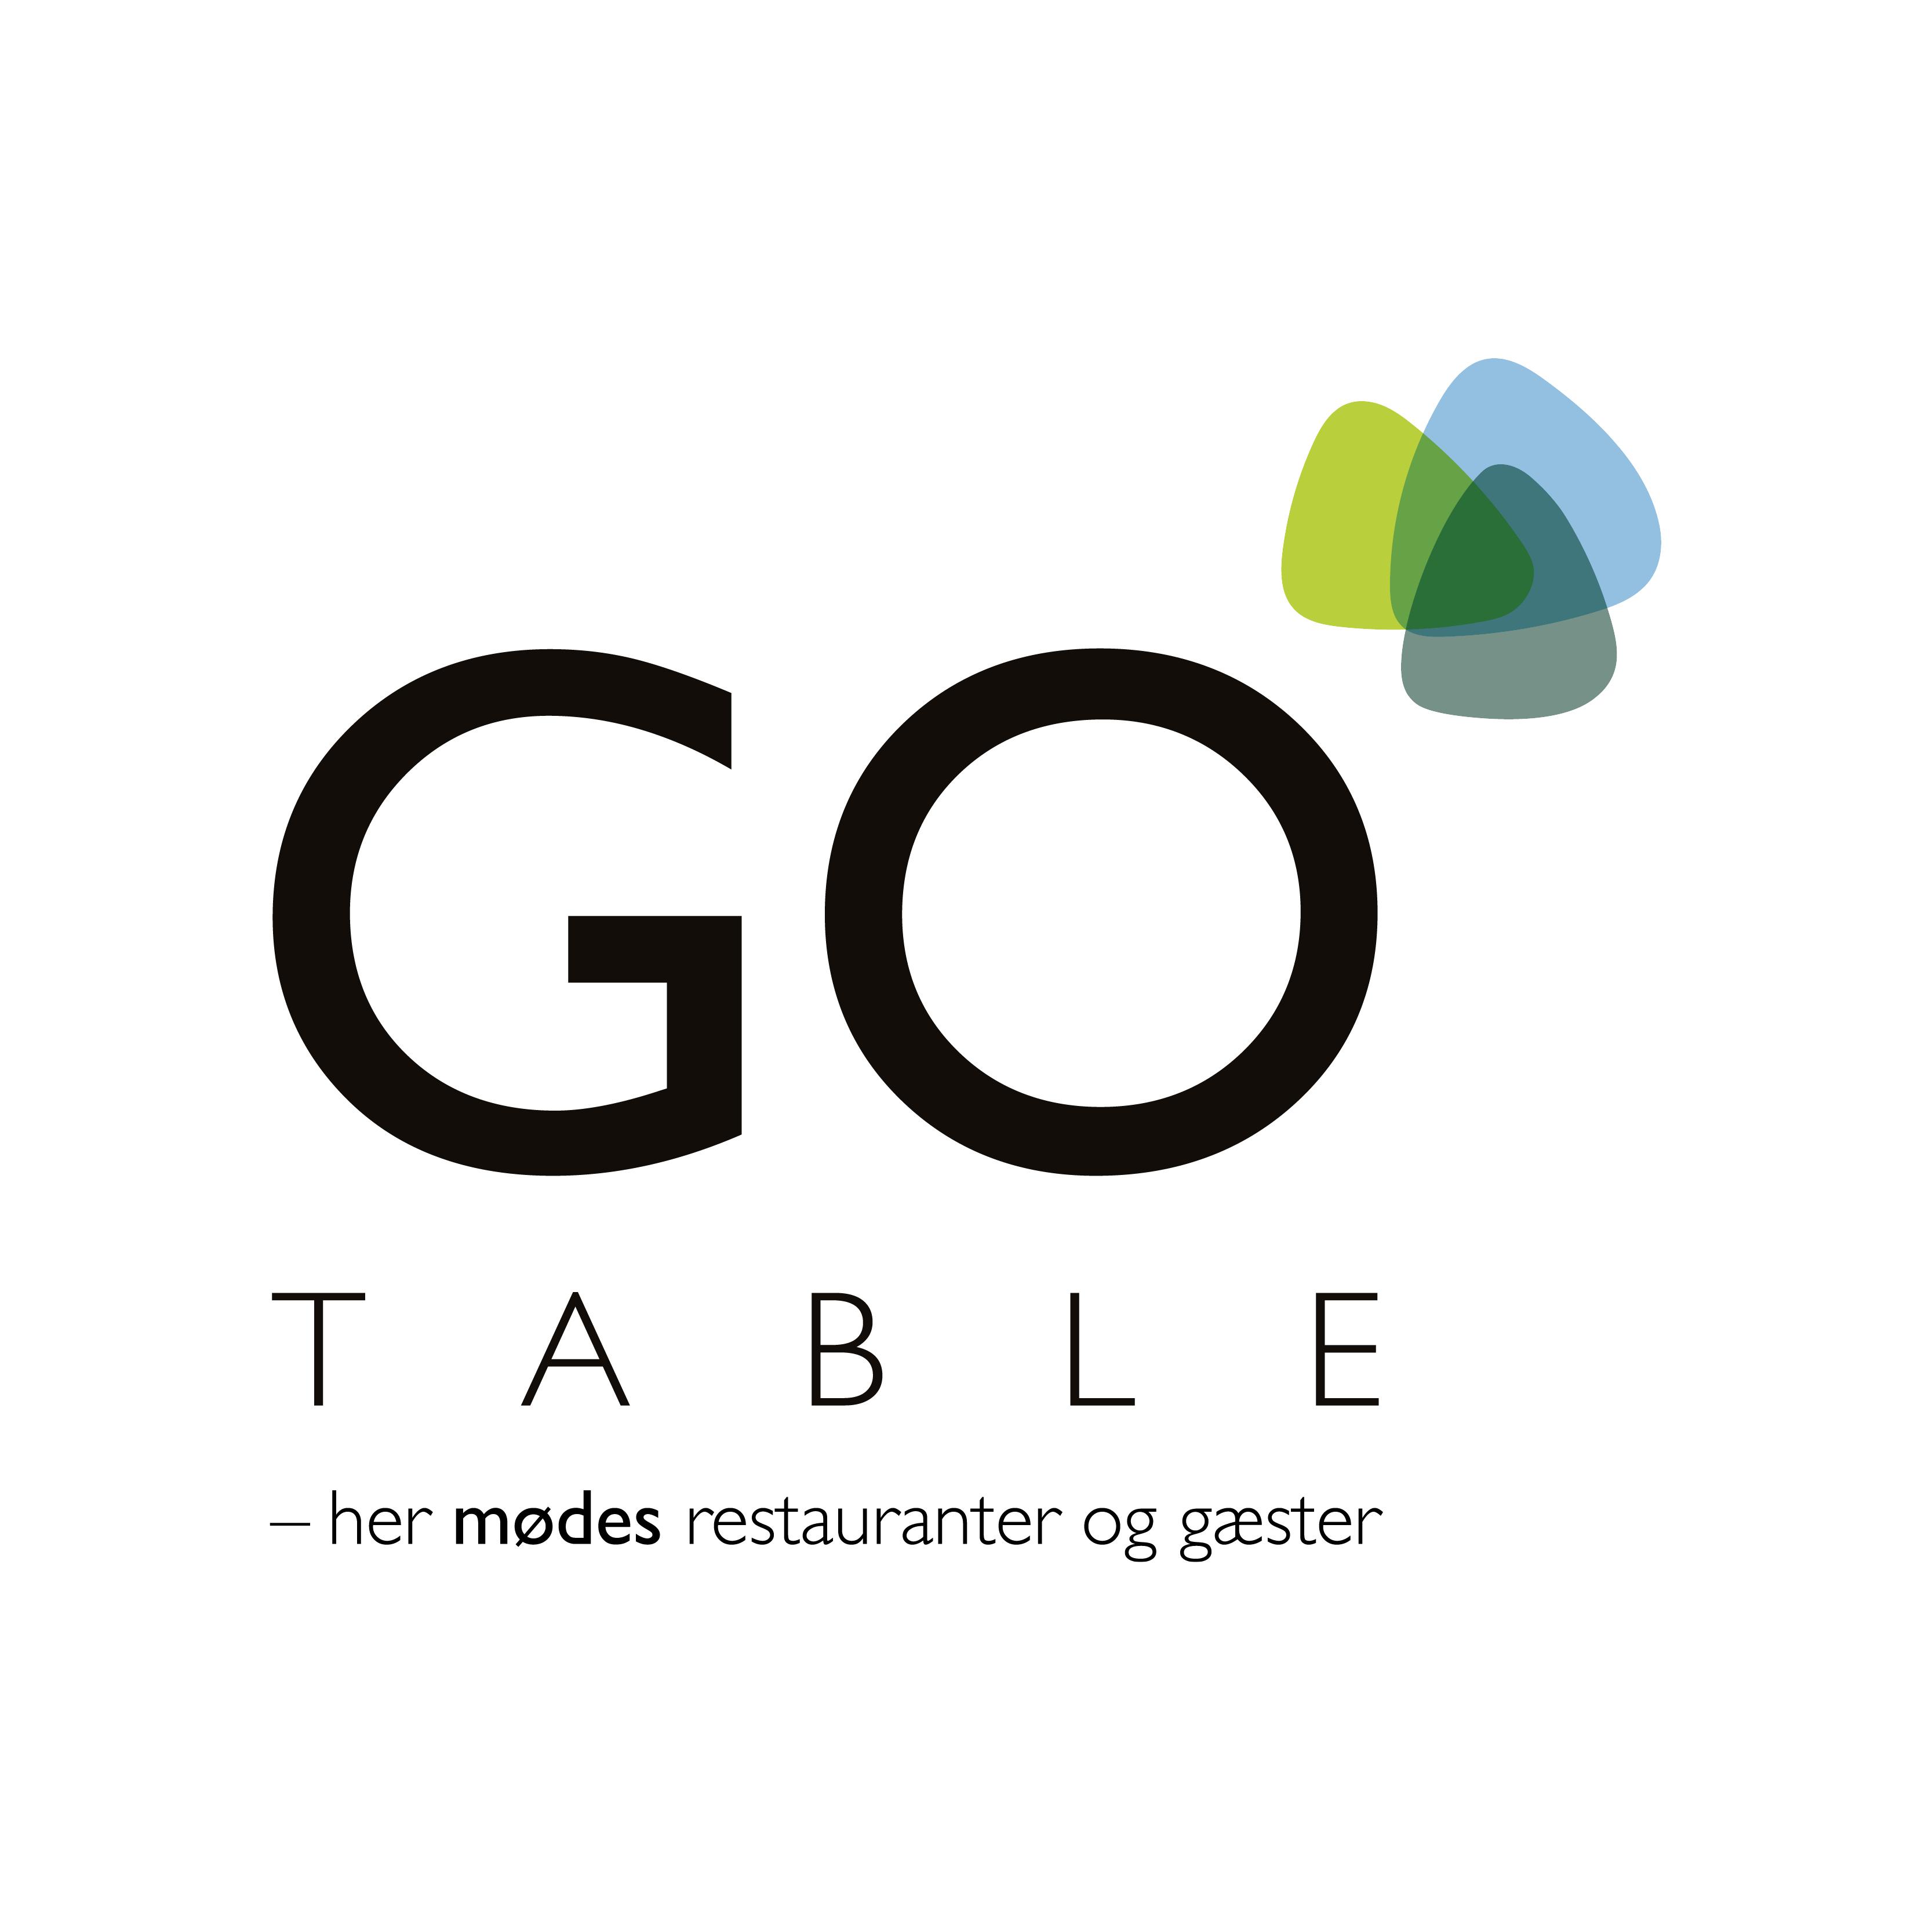 Unikt logo til din virksomhed - Lindstedt Graphic Design Studio - Go Table